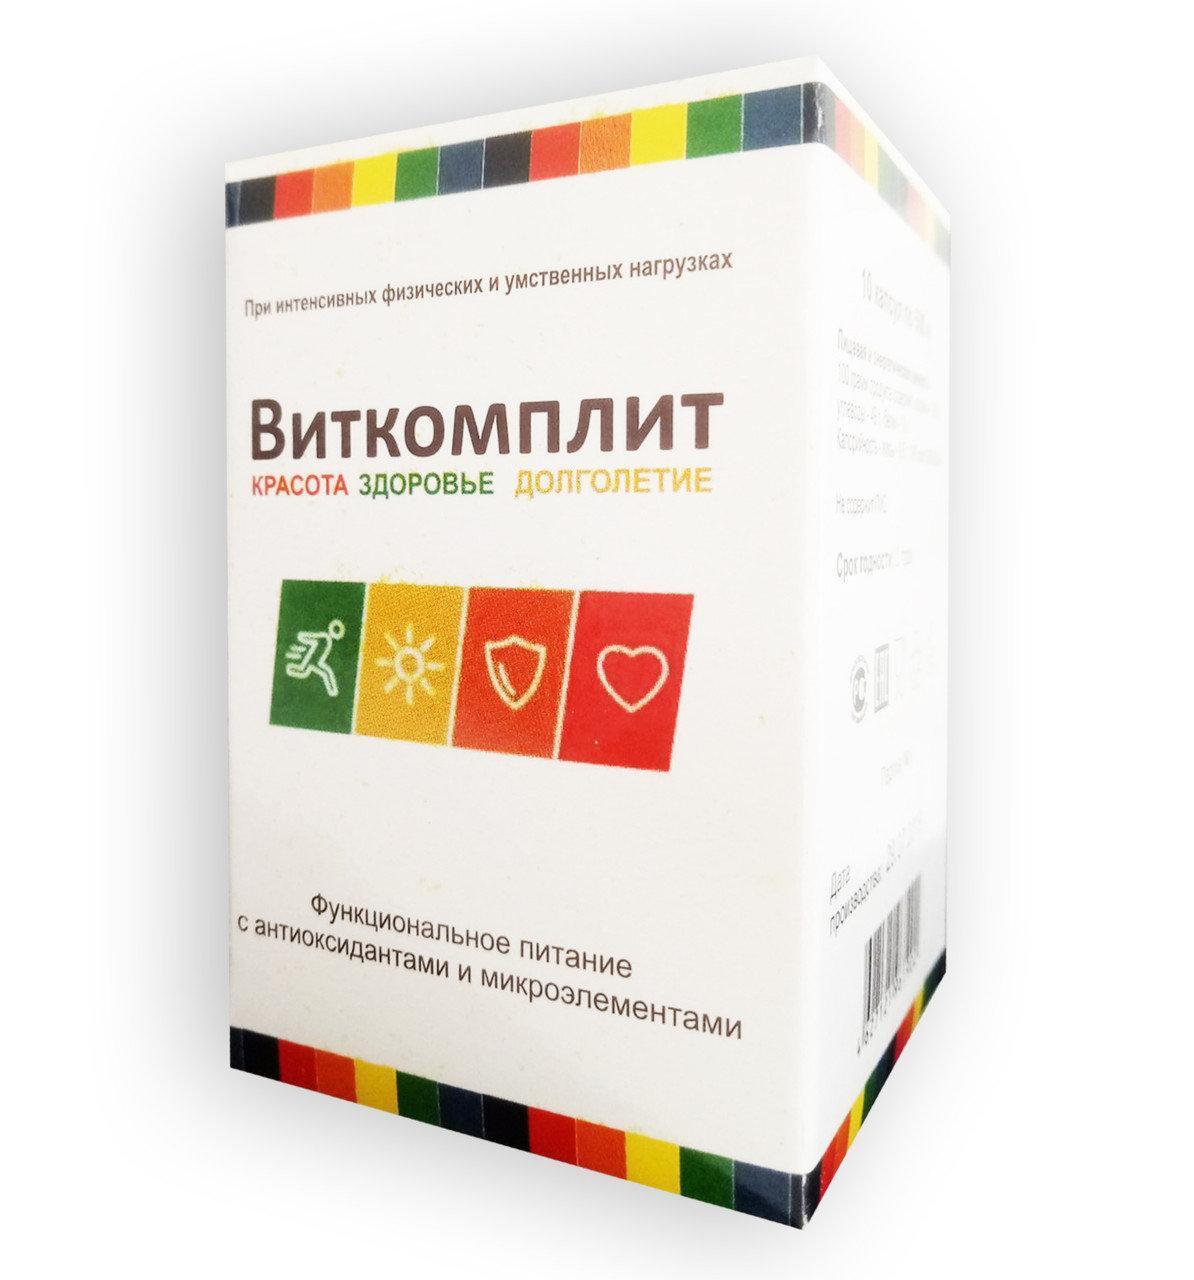 Виткомплит - Витамины при интенсивных физических и умственных нагрузках ViP